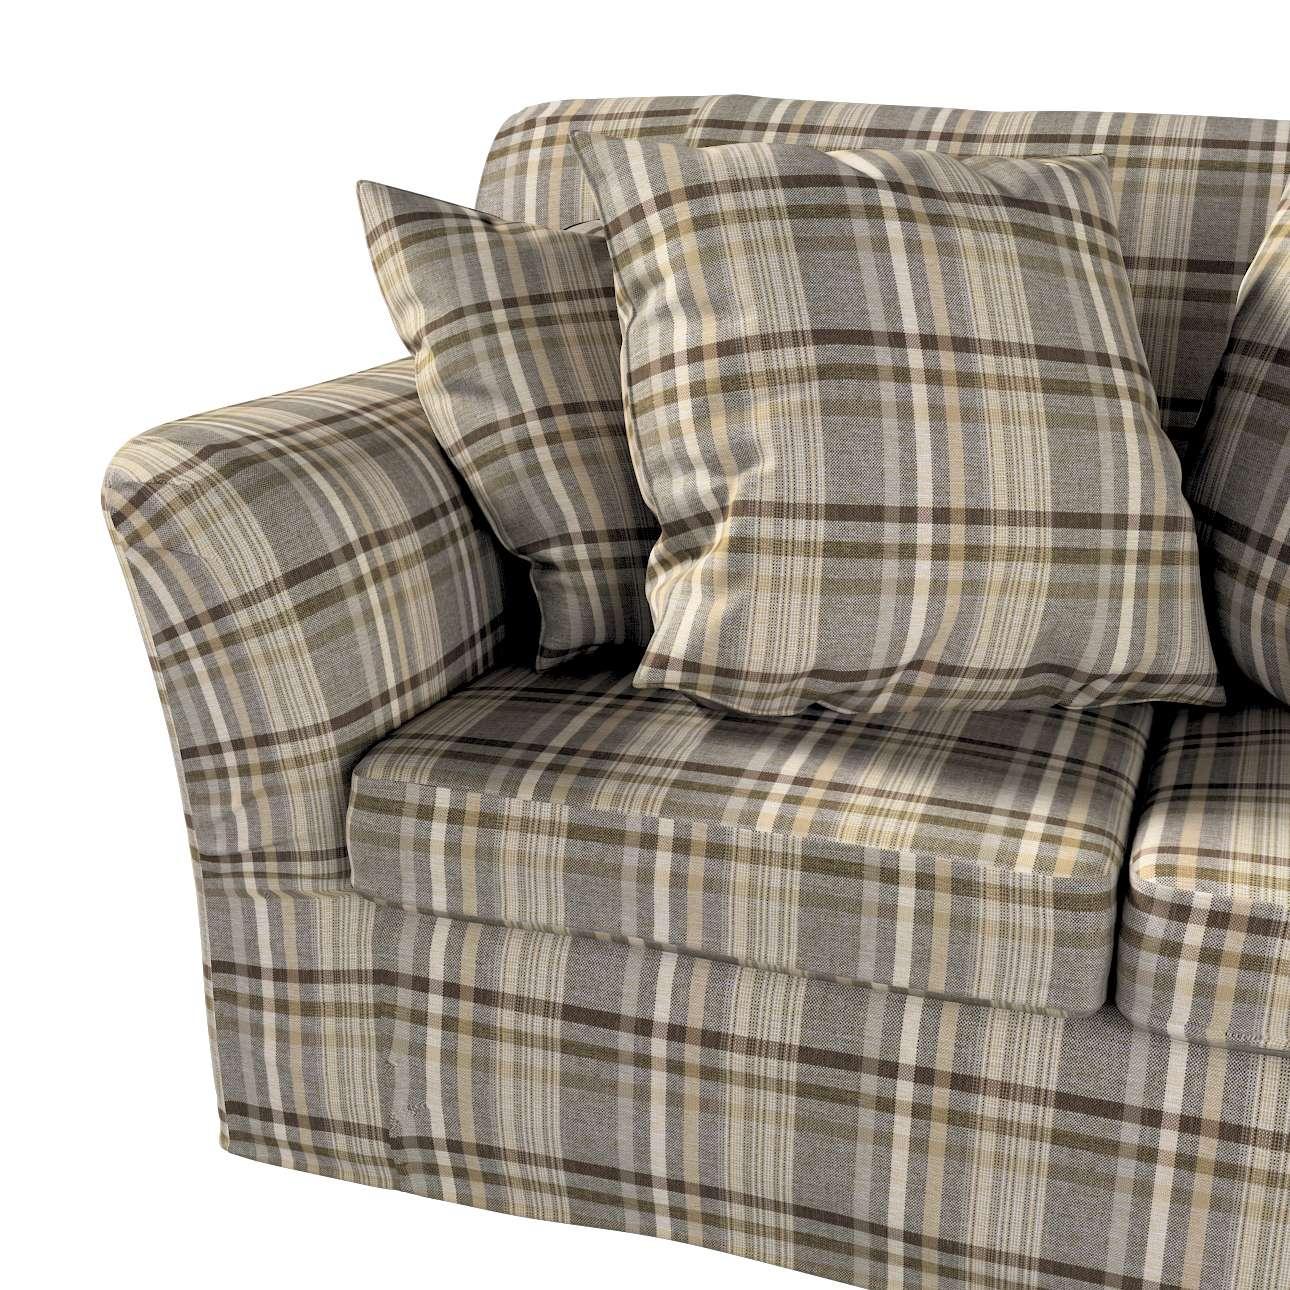 Pokrowiec na sofę Tomelilla 2-osobową nierozkładaną w kolekcji Edinburgh, tkanina: 703-17